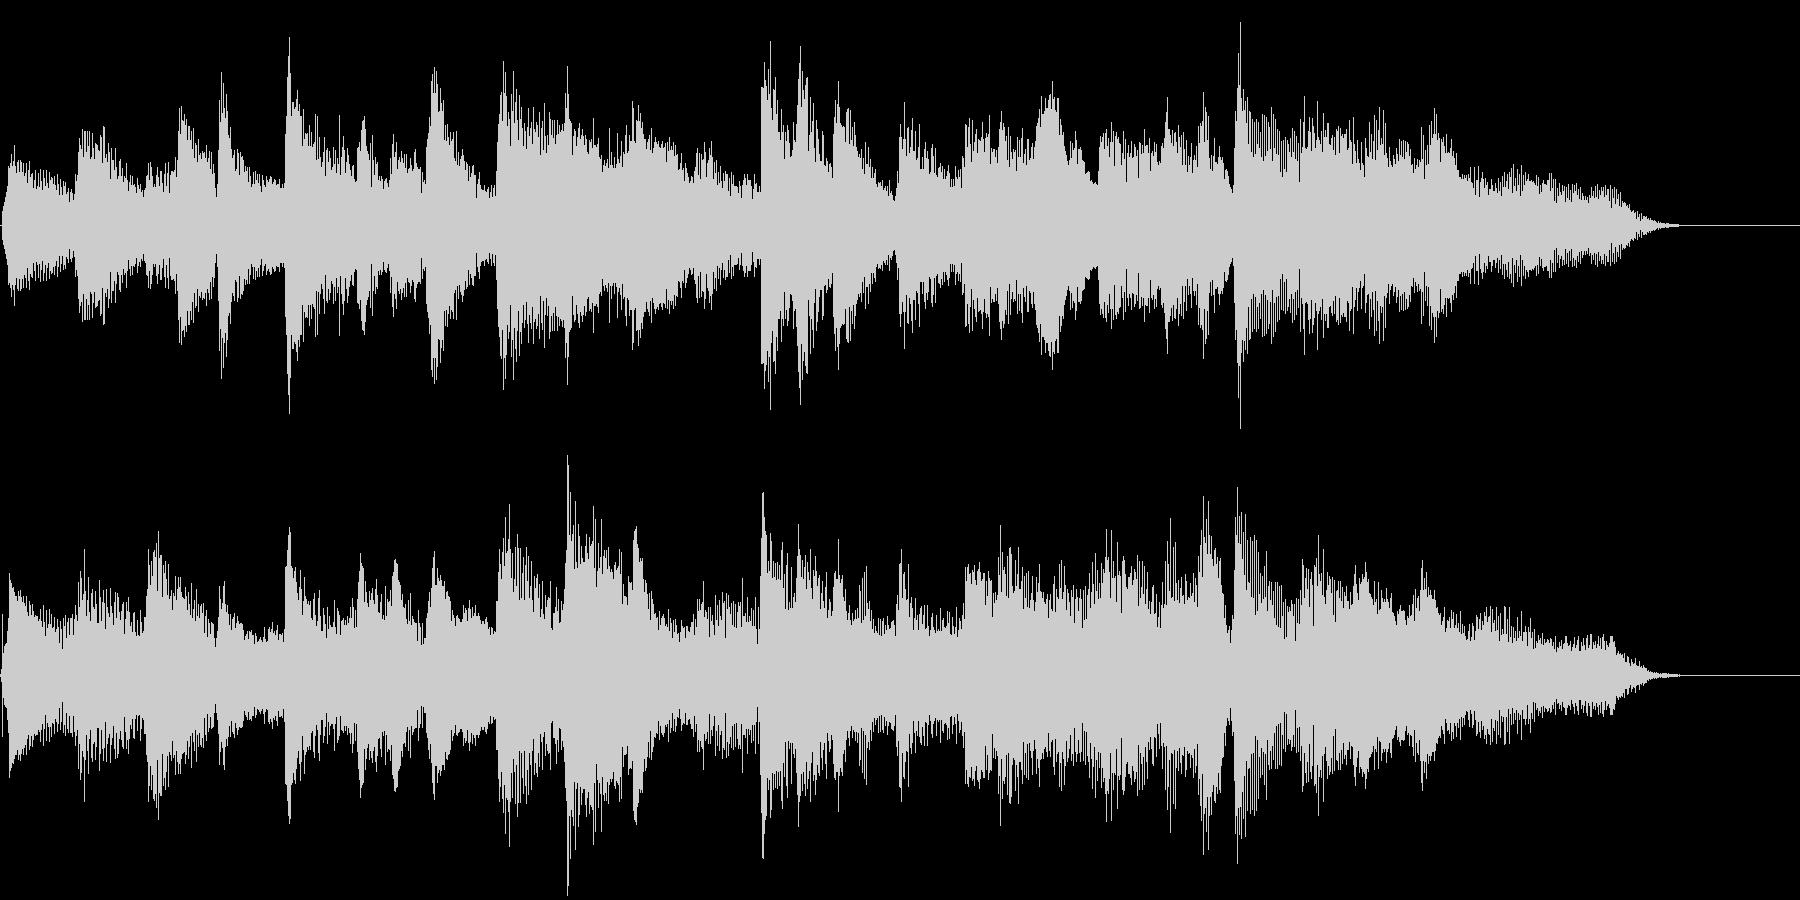 ピアノ、映像・CM・ジングル・ロゴ等にの未再生の波形